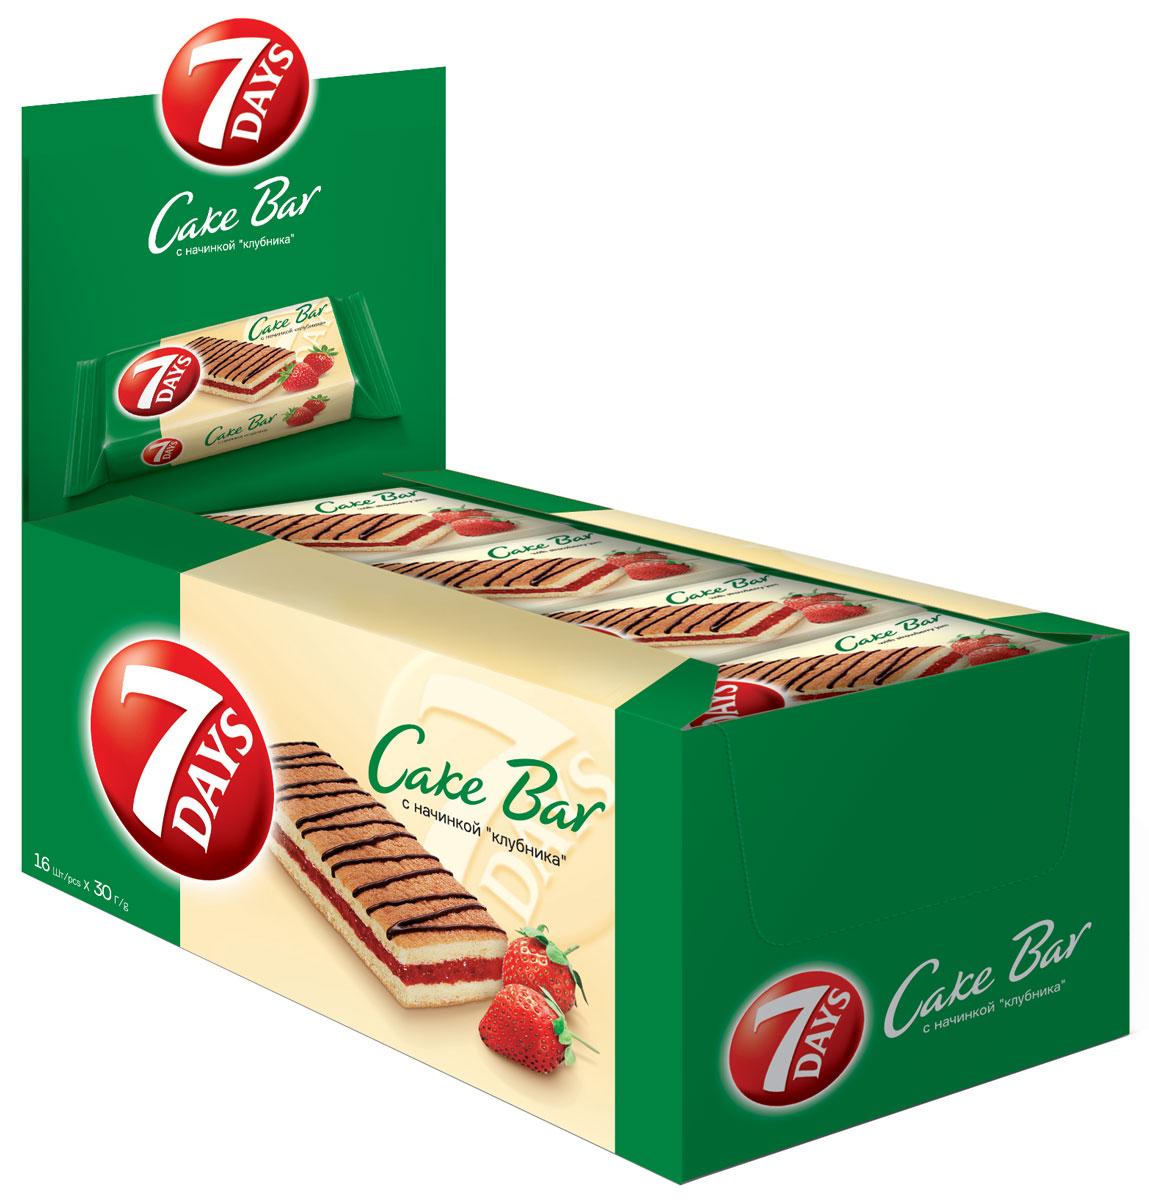 7DAYS Cake Bar Пирожное с начинкой Клубника, 16 шт по 30 г